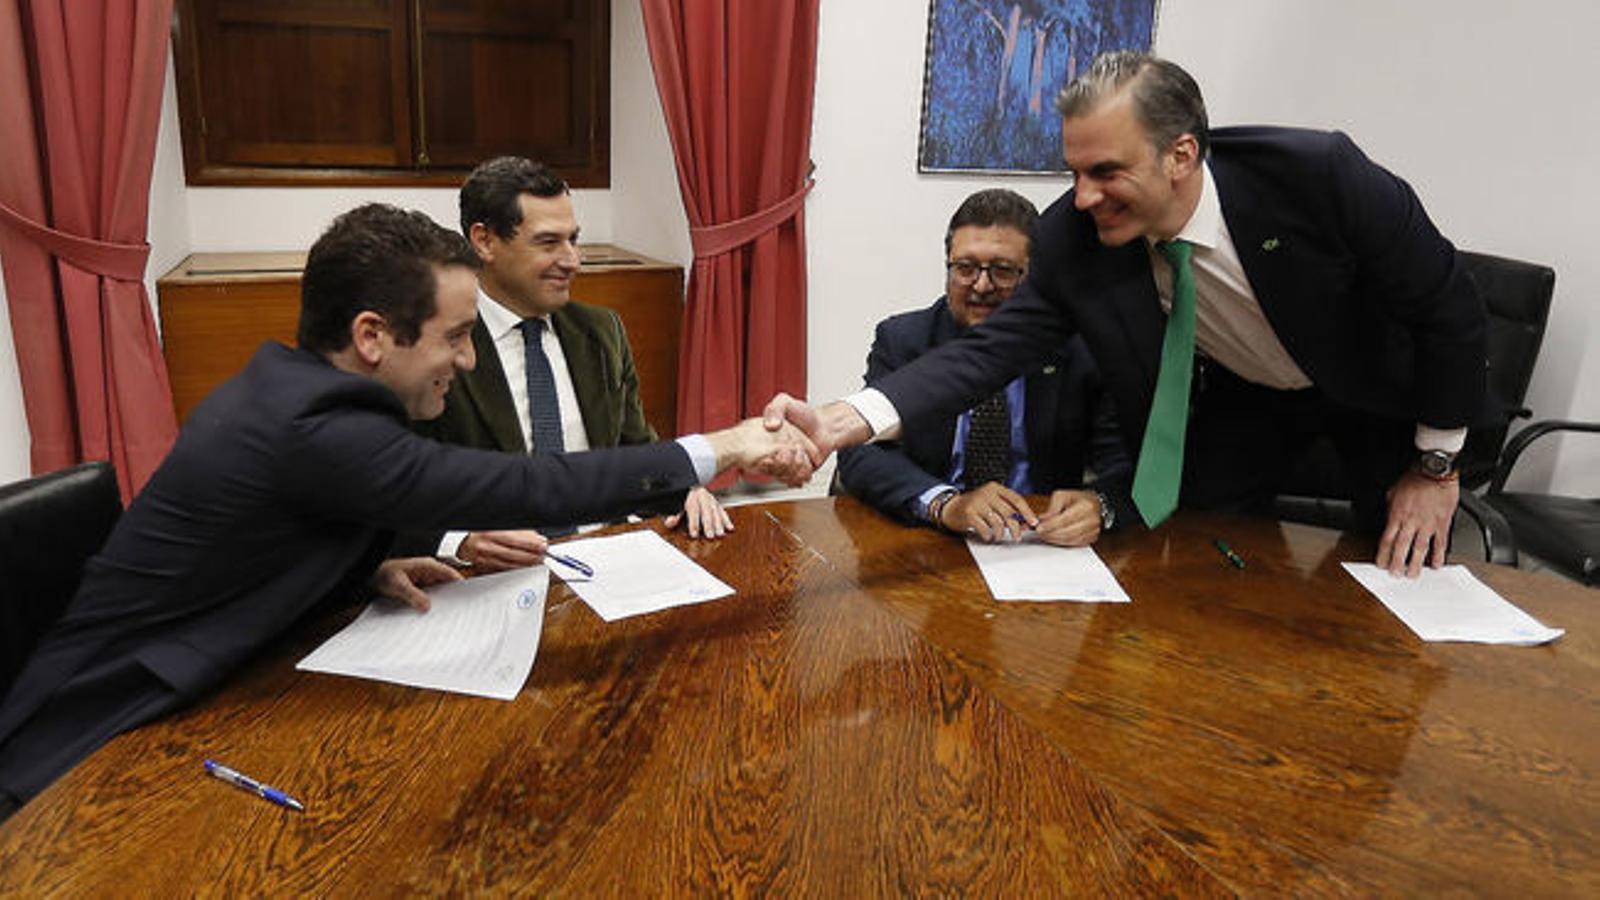 El PP i Cs governaran Andalusia amb el suport dels ultres de Vox